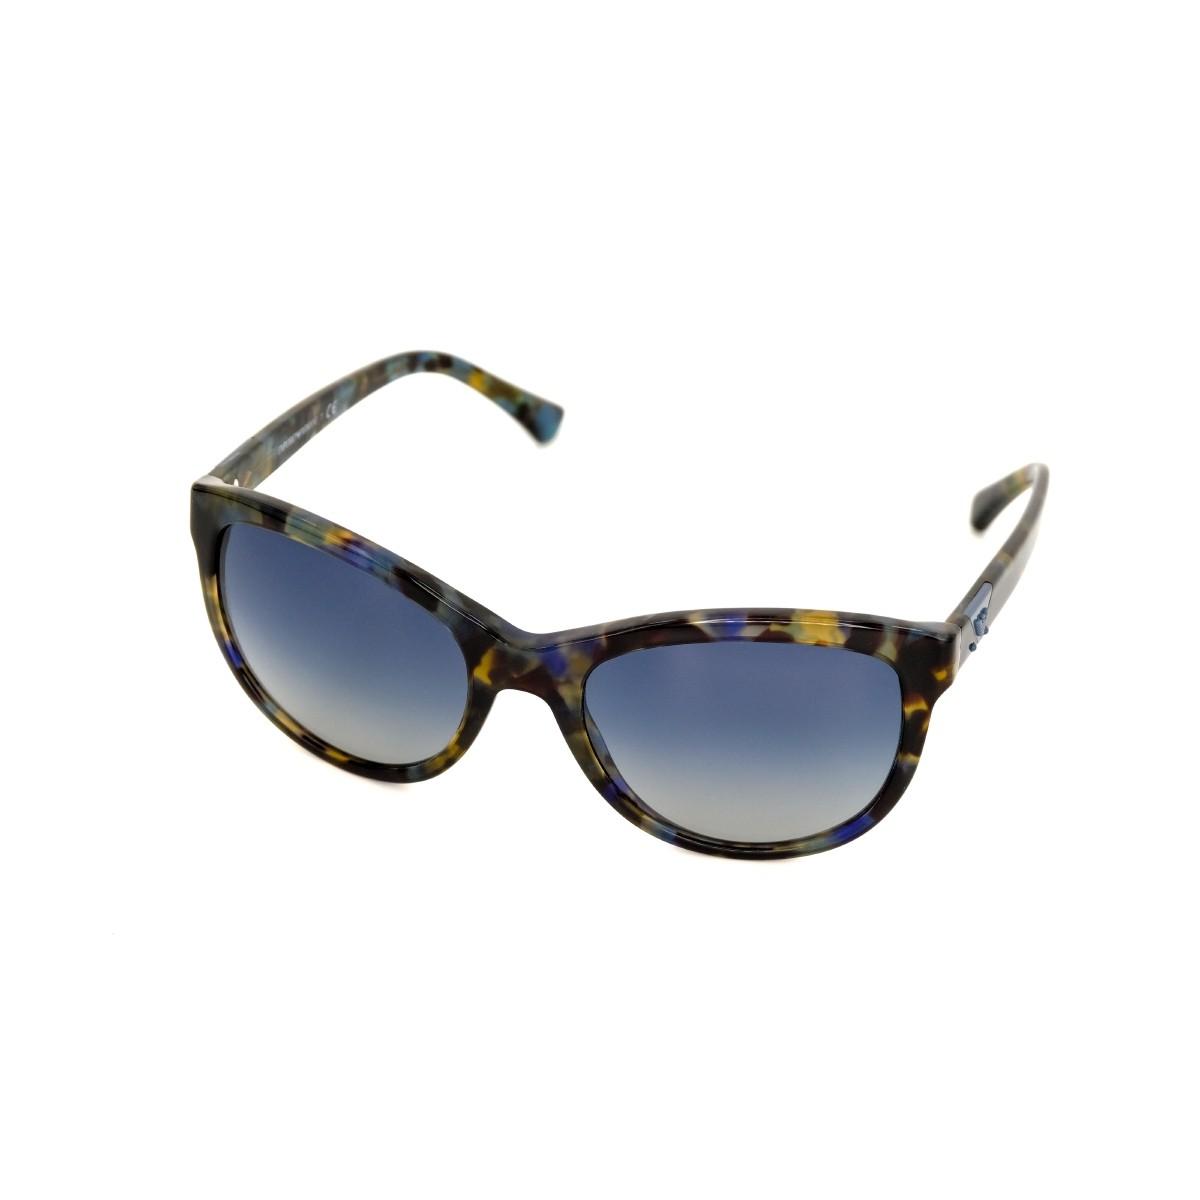 Emporio Armani 4076 havana spot blu 55424L, 101,00€, Occhiali Emporio Armani Multicolor a forma Squadrato